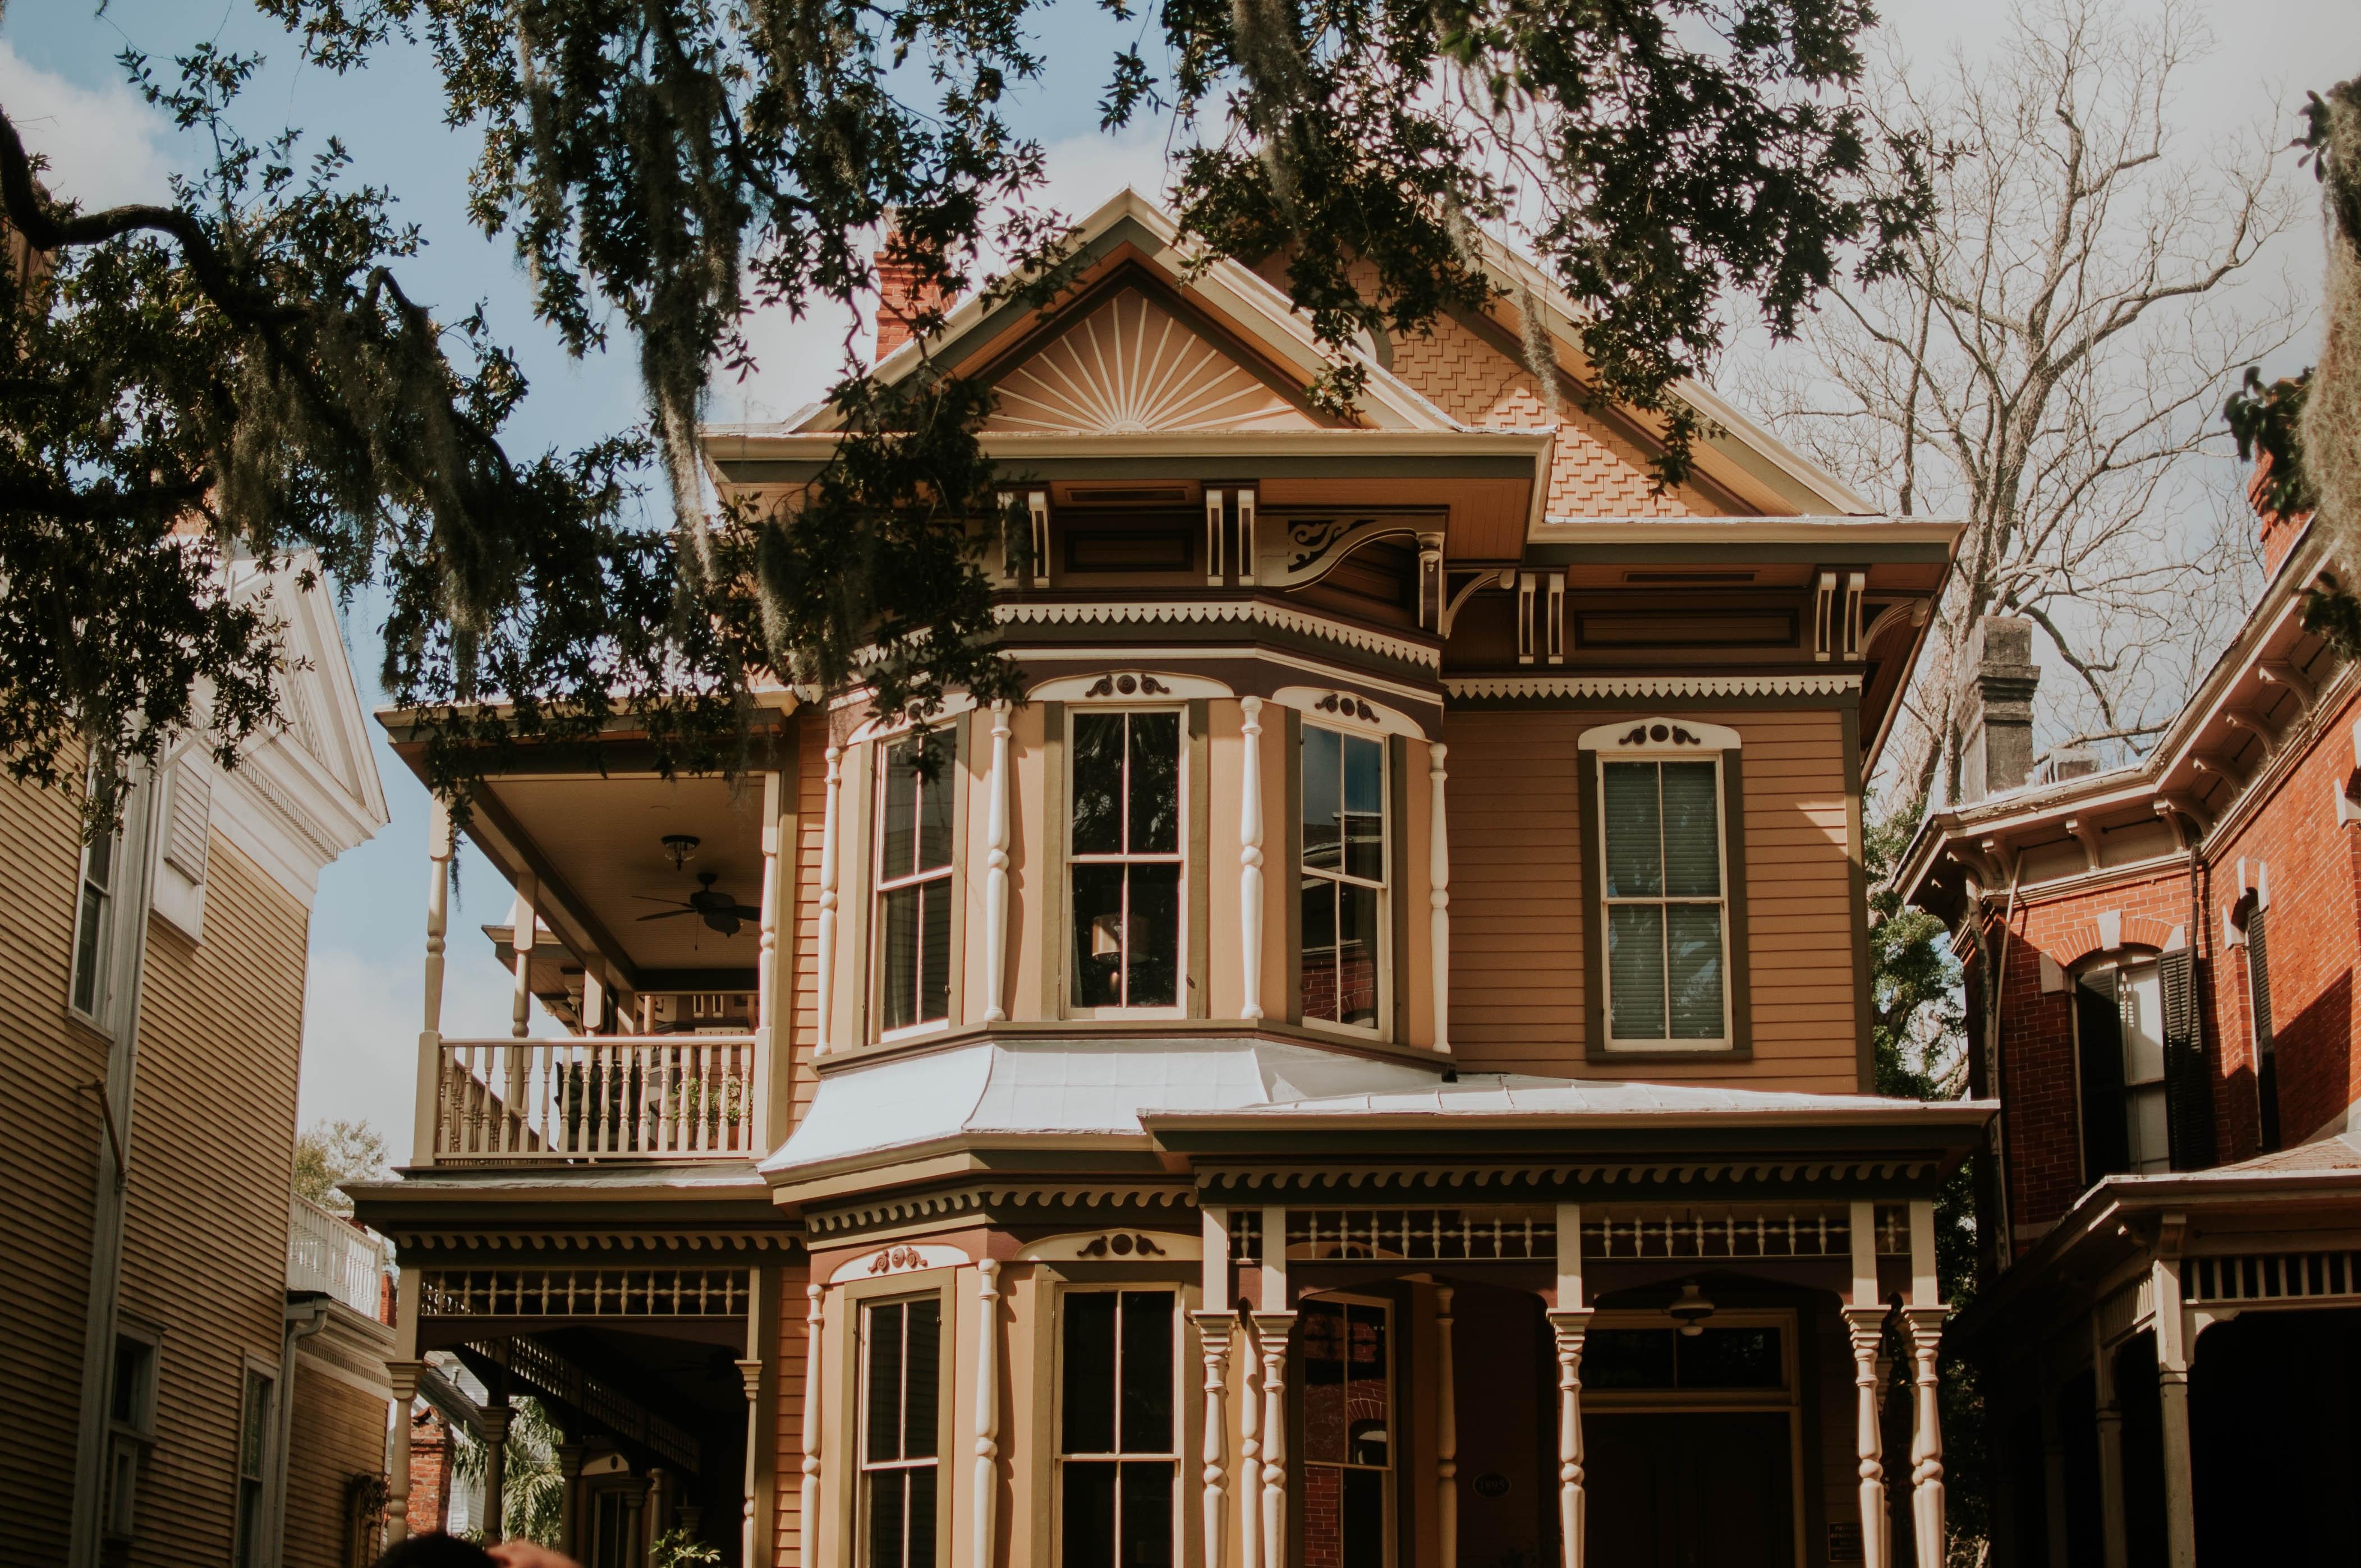 victoriaanse huizen Georgia